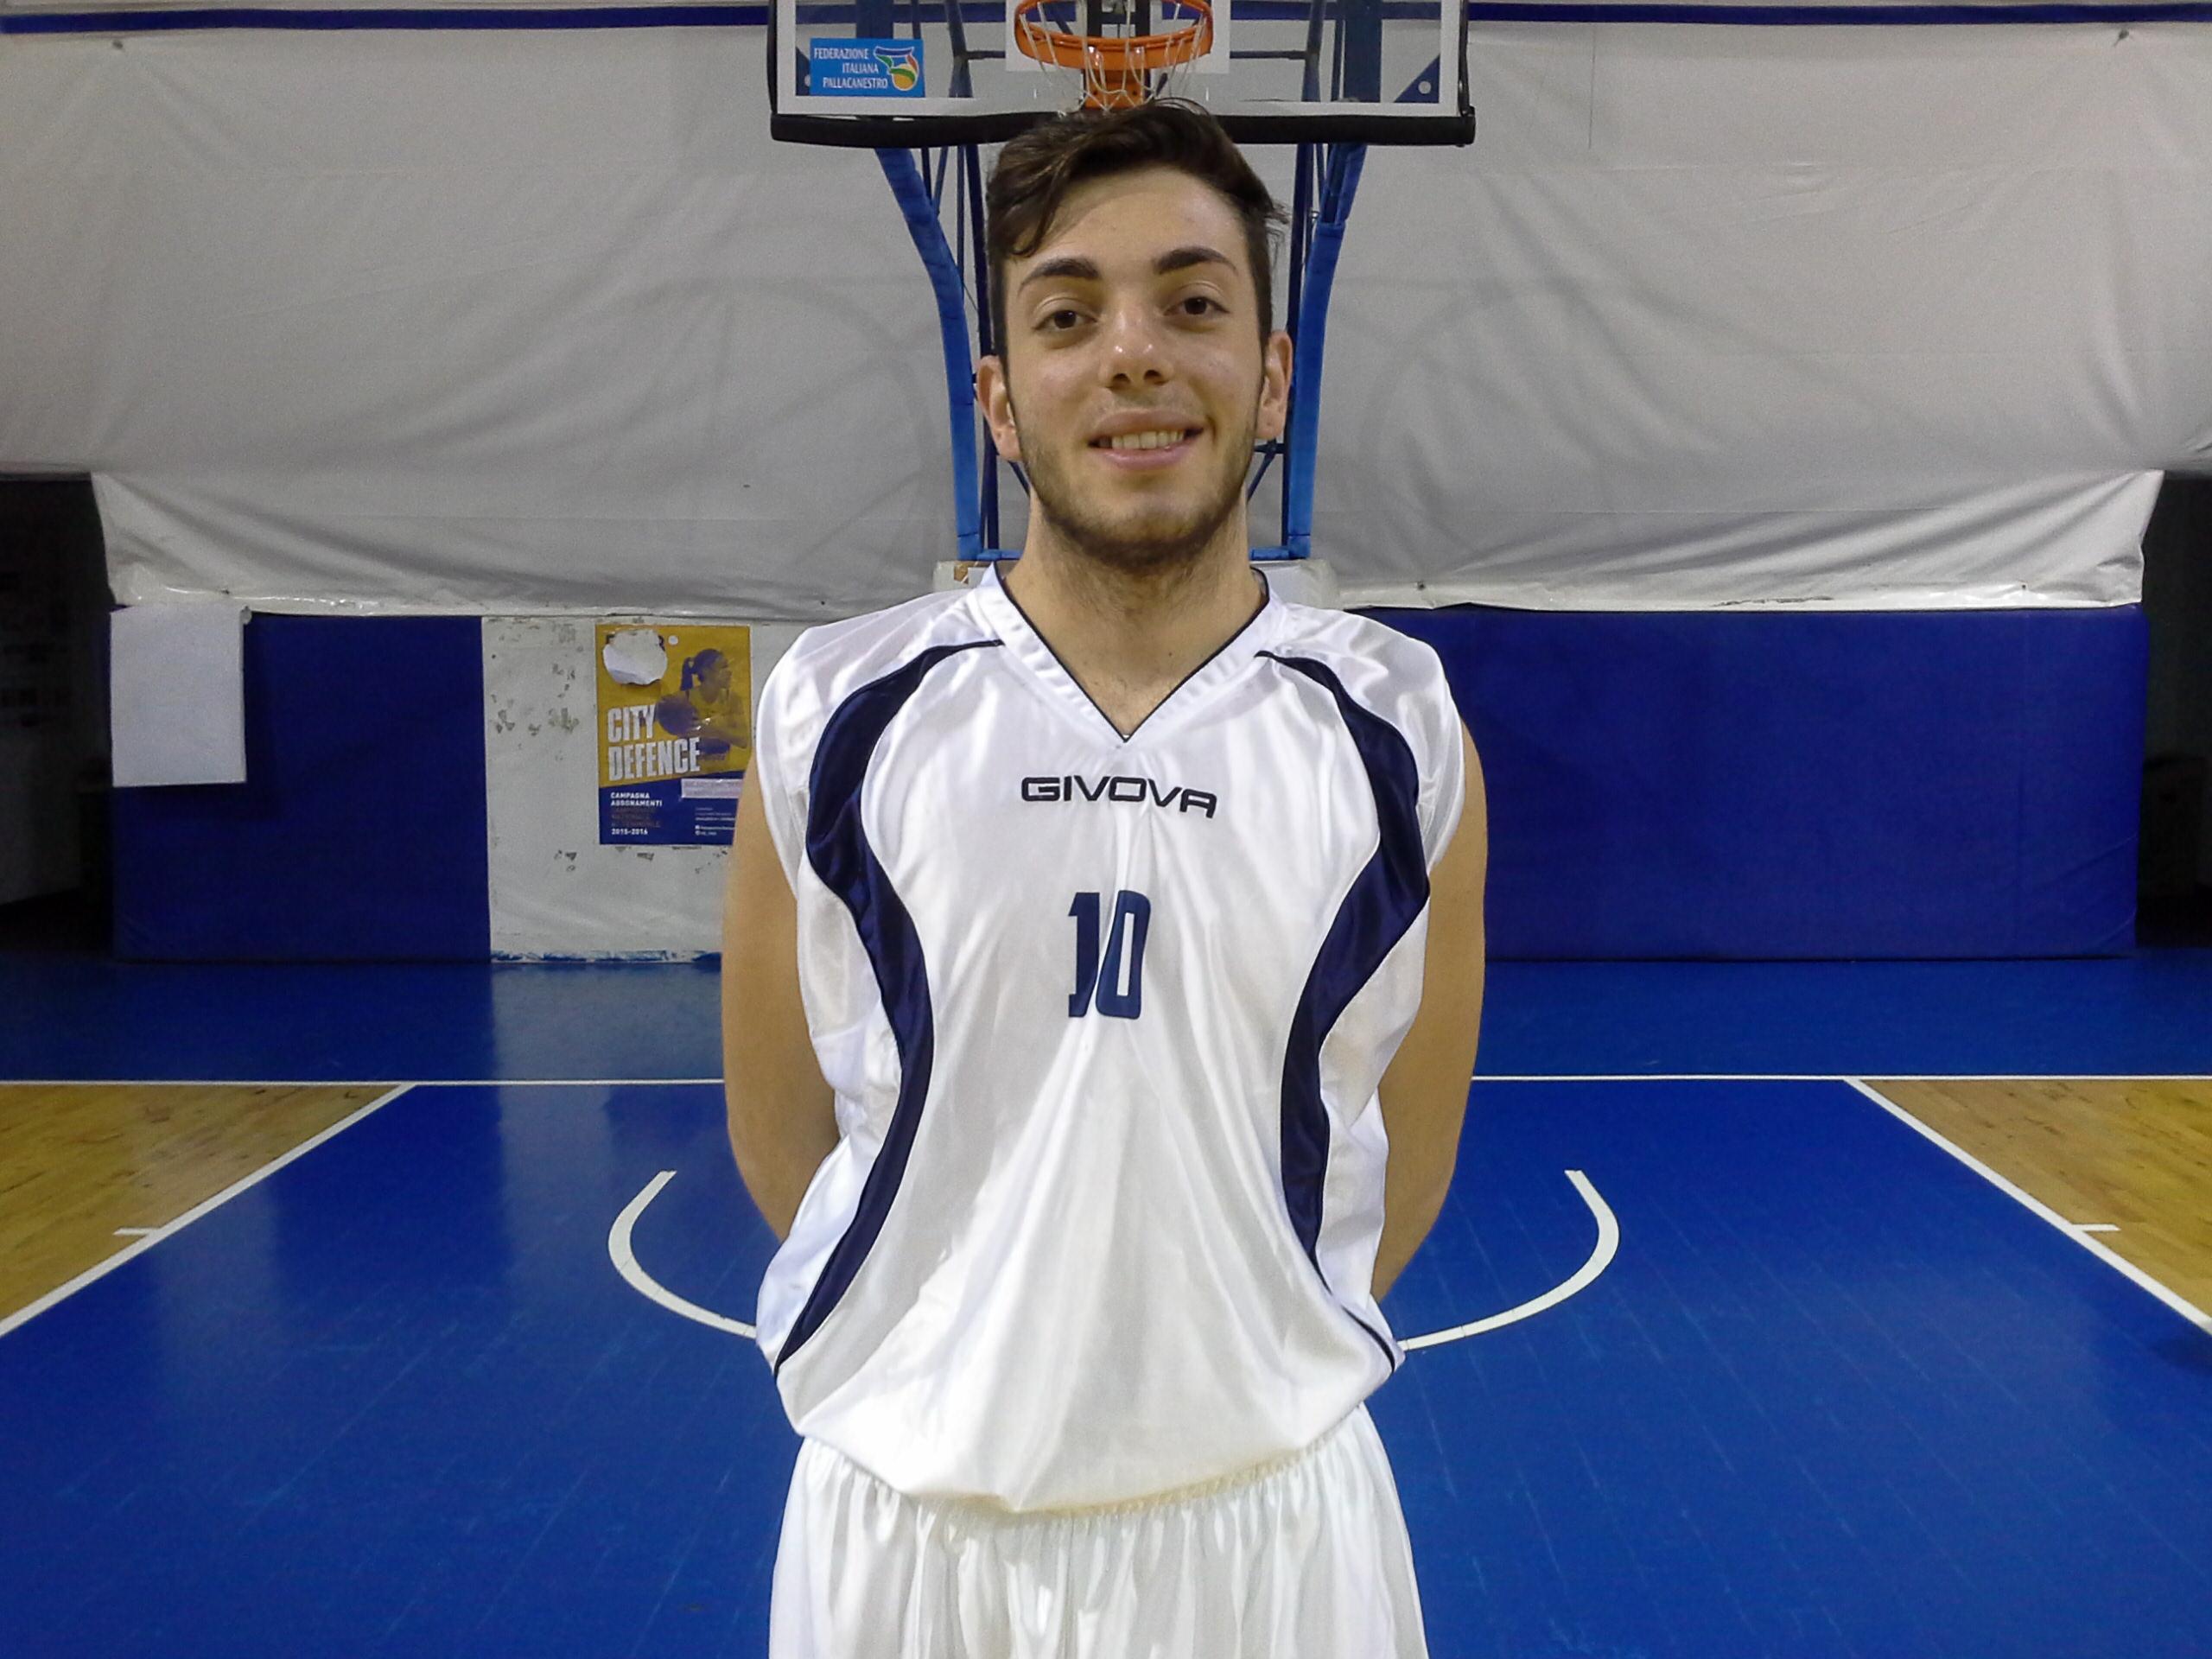 Giuseppe Sica della 18 Regionale